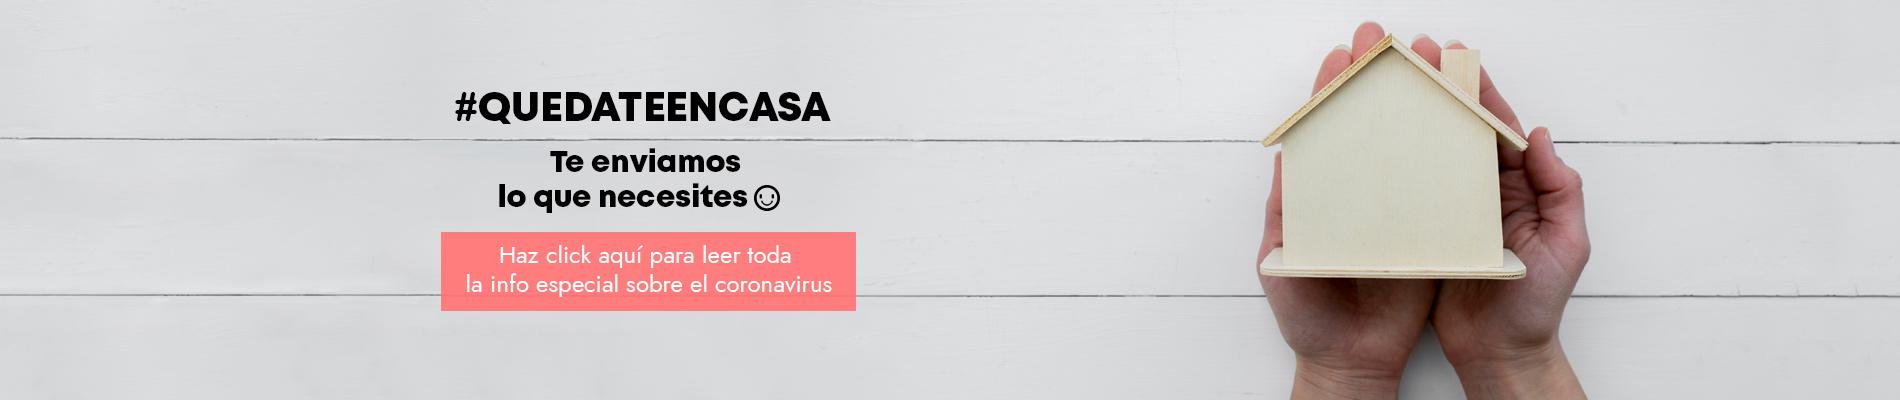 Cebecera-coronavirus